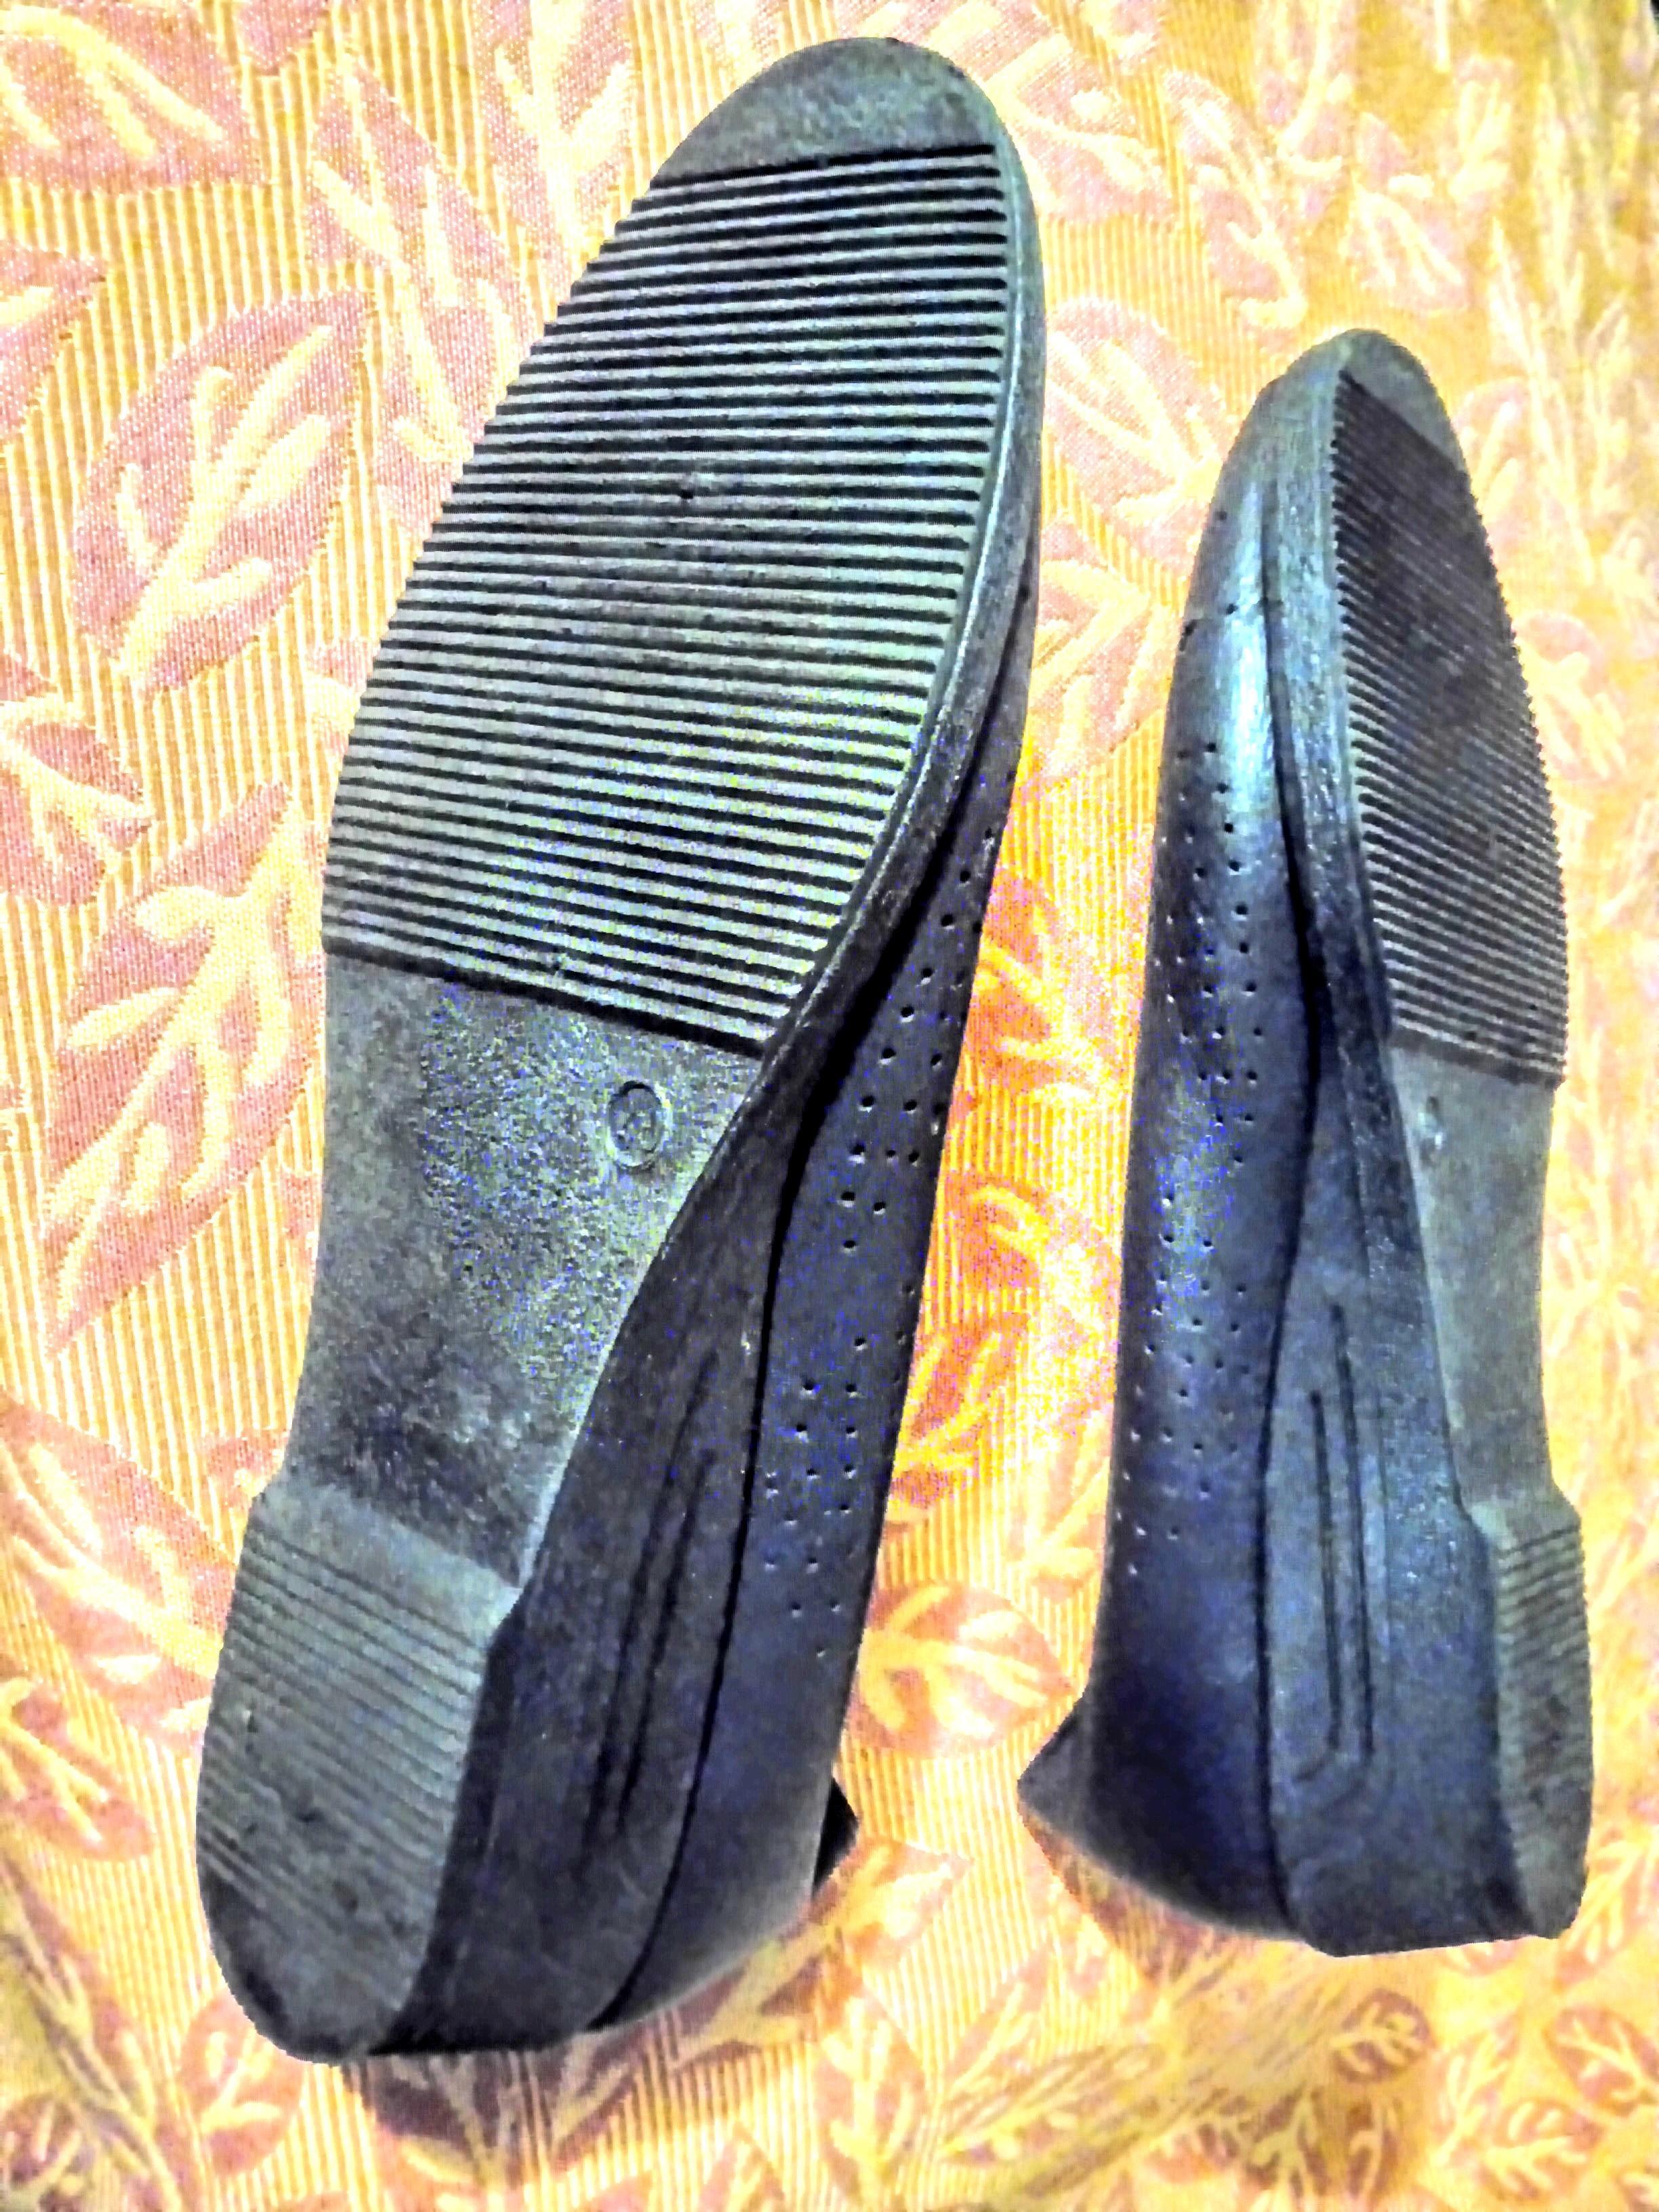 troc de troc chaussures marine t. 40 image 1